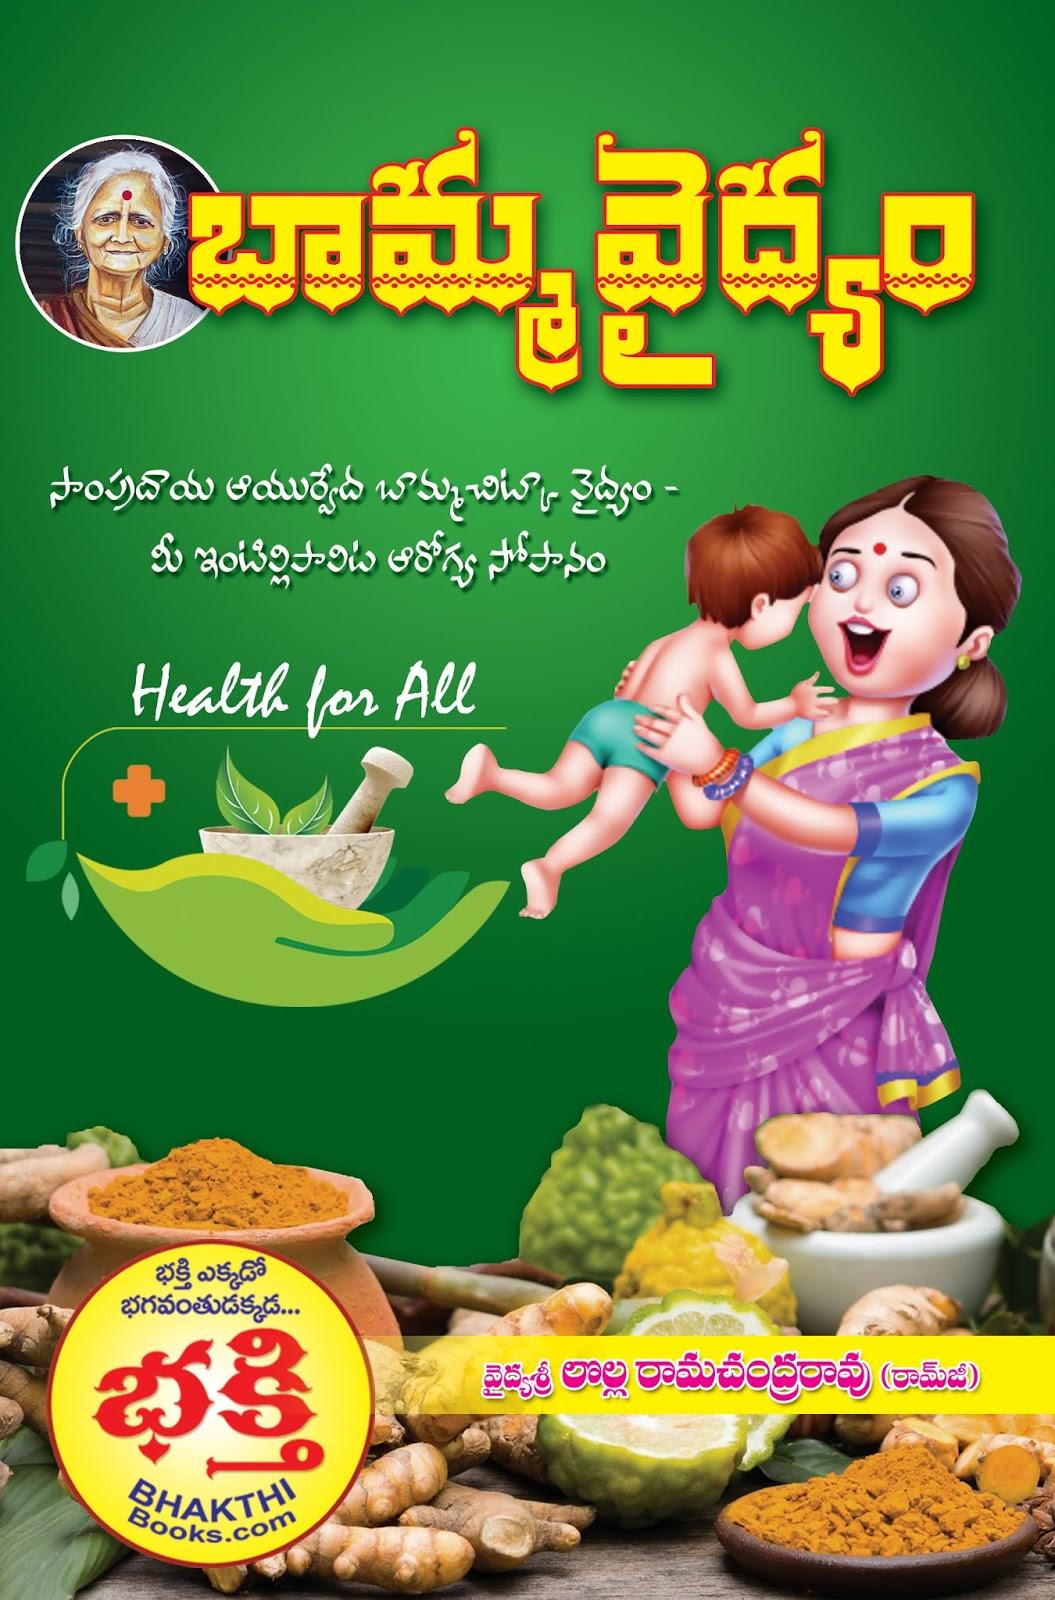 బామ్మ చిట్కా వైద్యం | Bamma Chitka Vaidyam | బామ్మ మాట ఆరోగ్య బాట | Bamma maṭa arogya baṭa |  bamma chitkalu bamma chitkalu telugulo bamma vaidyam for weight loss health tips in telugu for womens